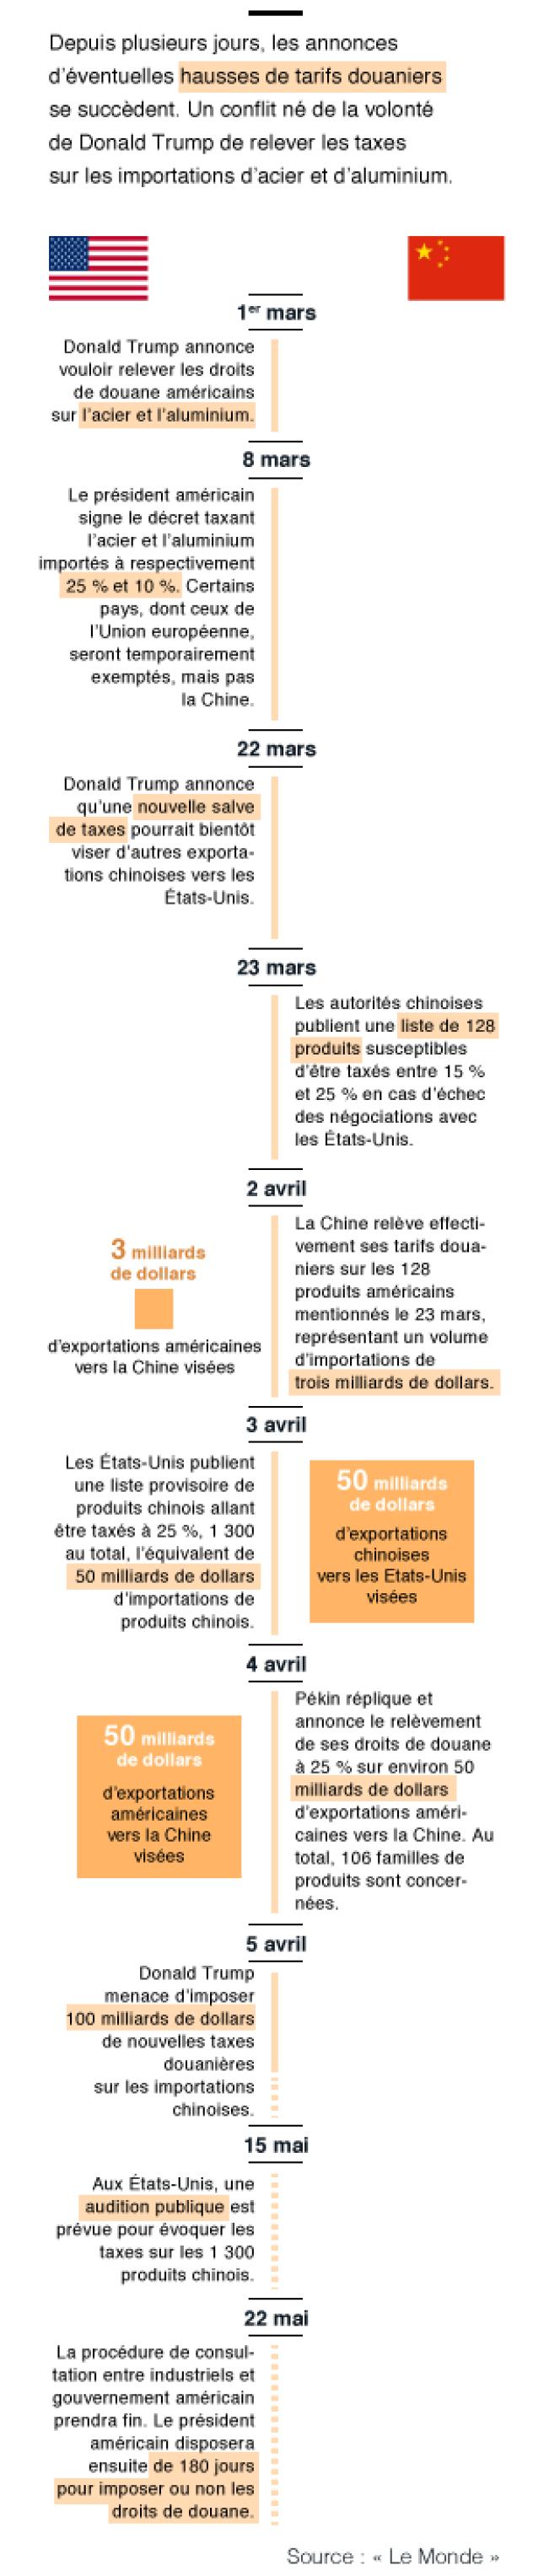 Guerre économique entre la Chine et les Etats-Unis sur les tarifs douaniers